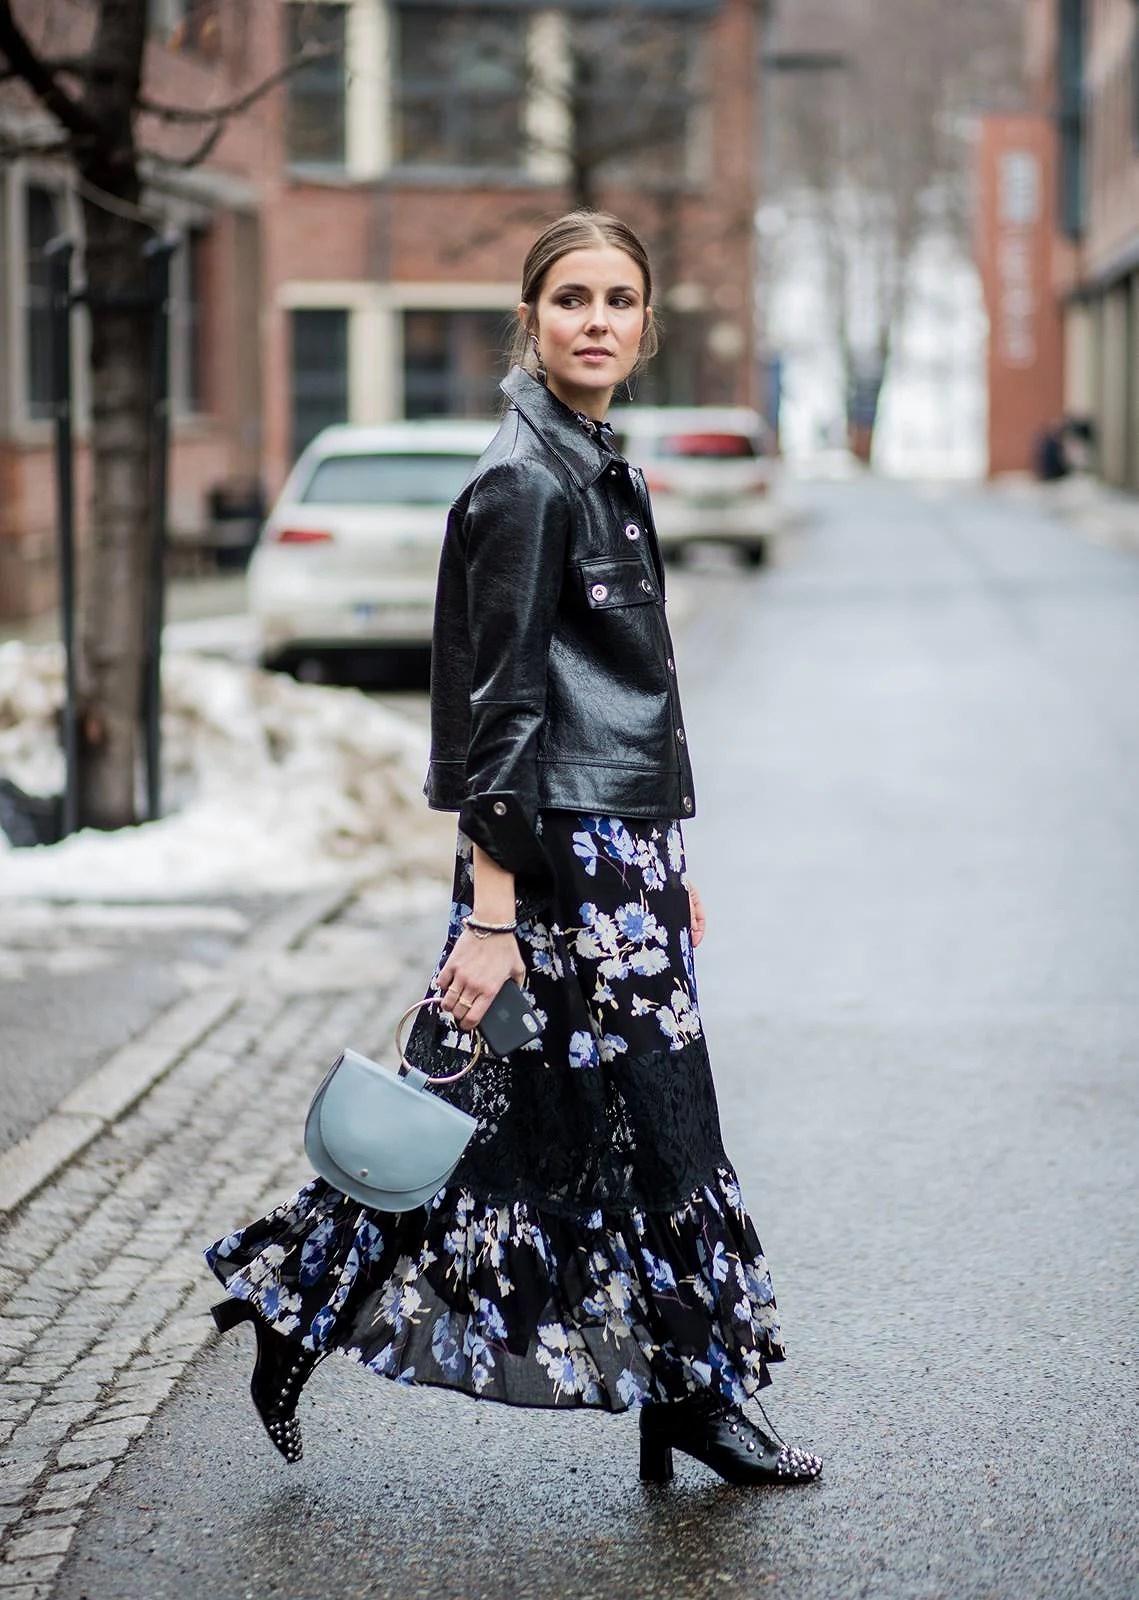 Flower dress /Oslo runway